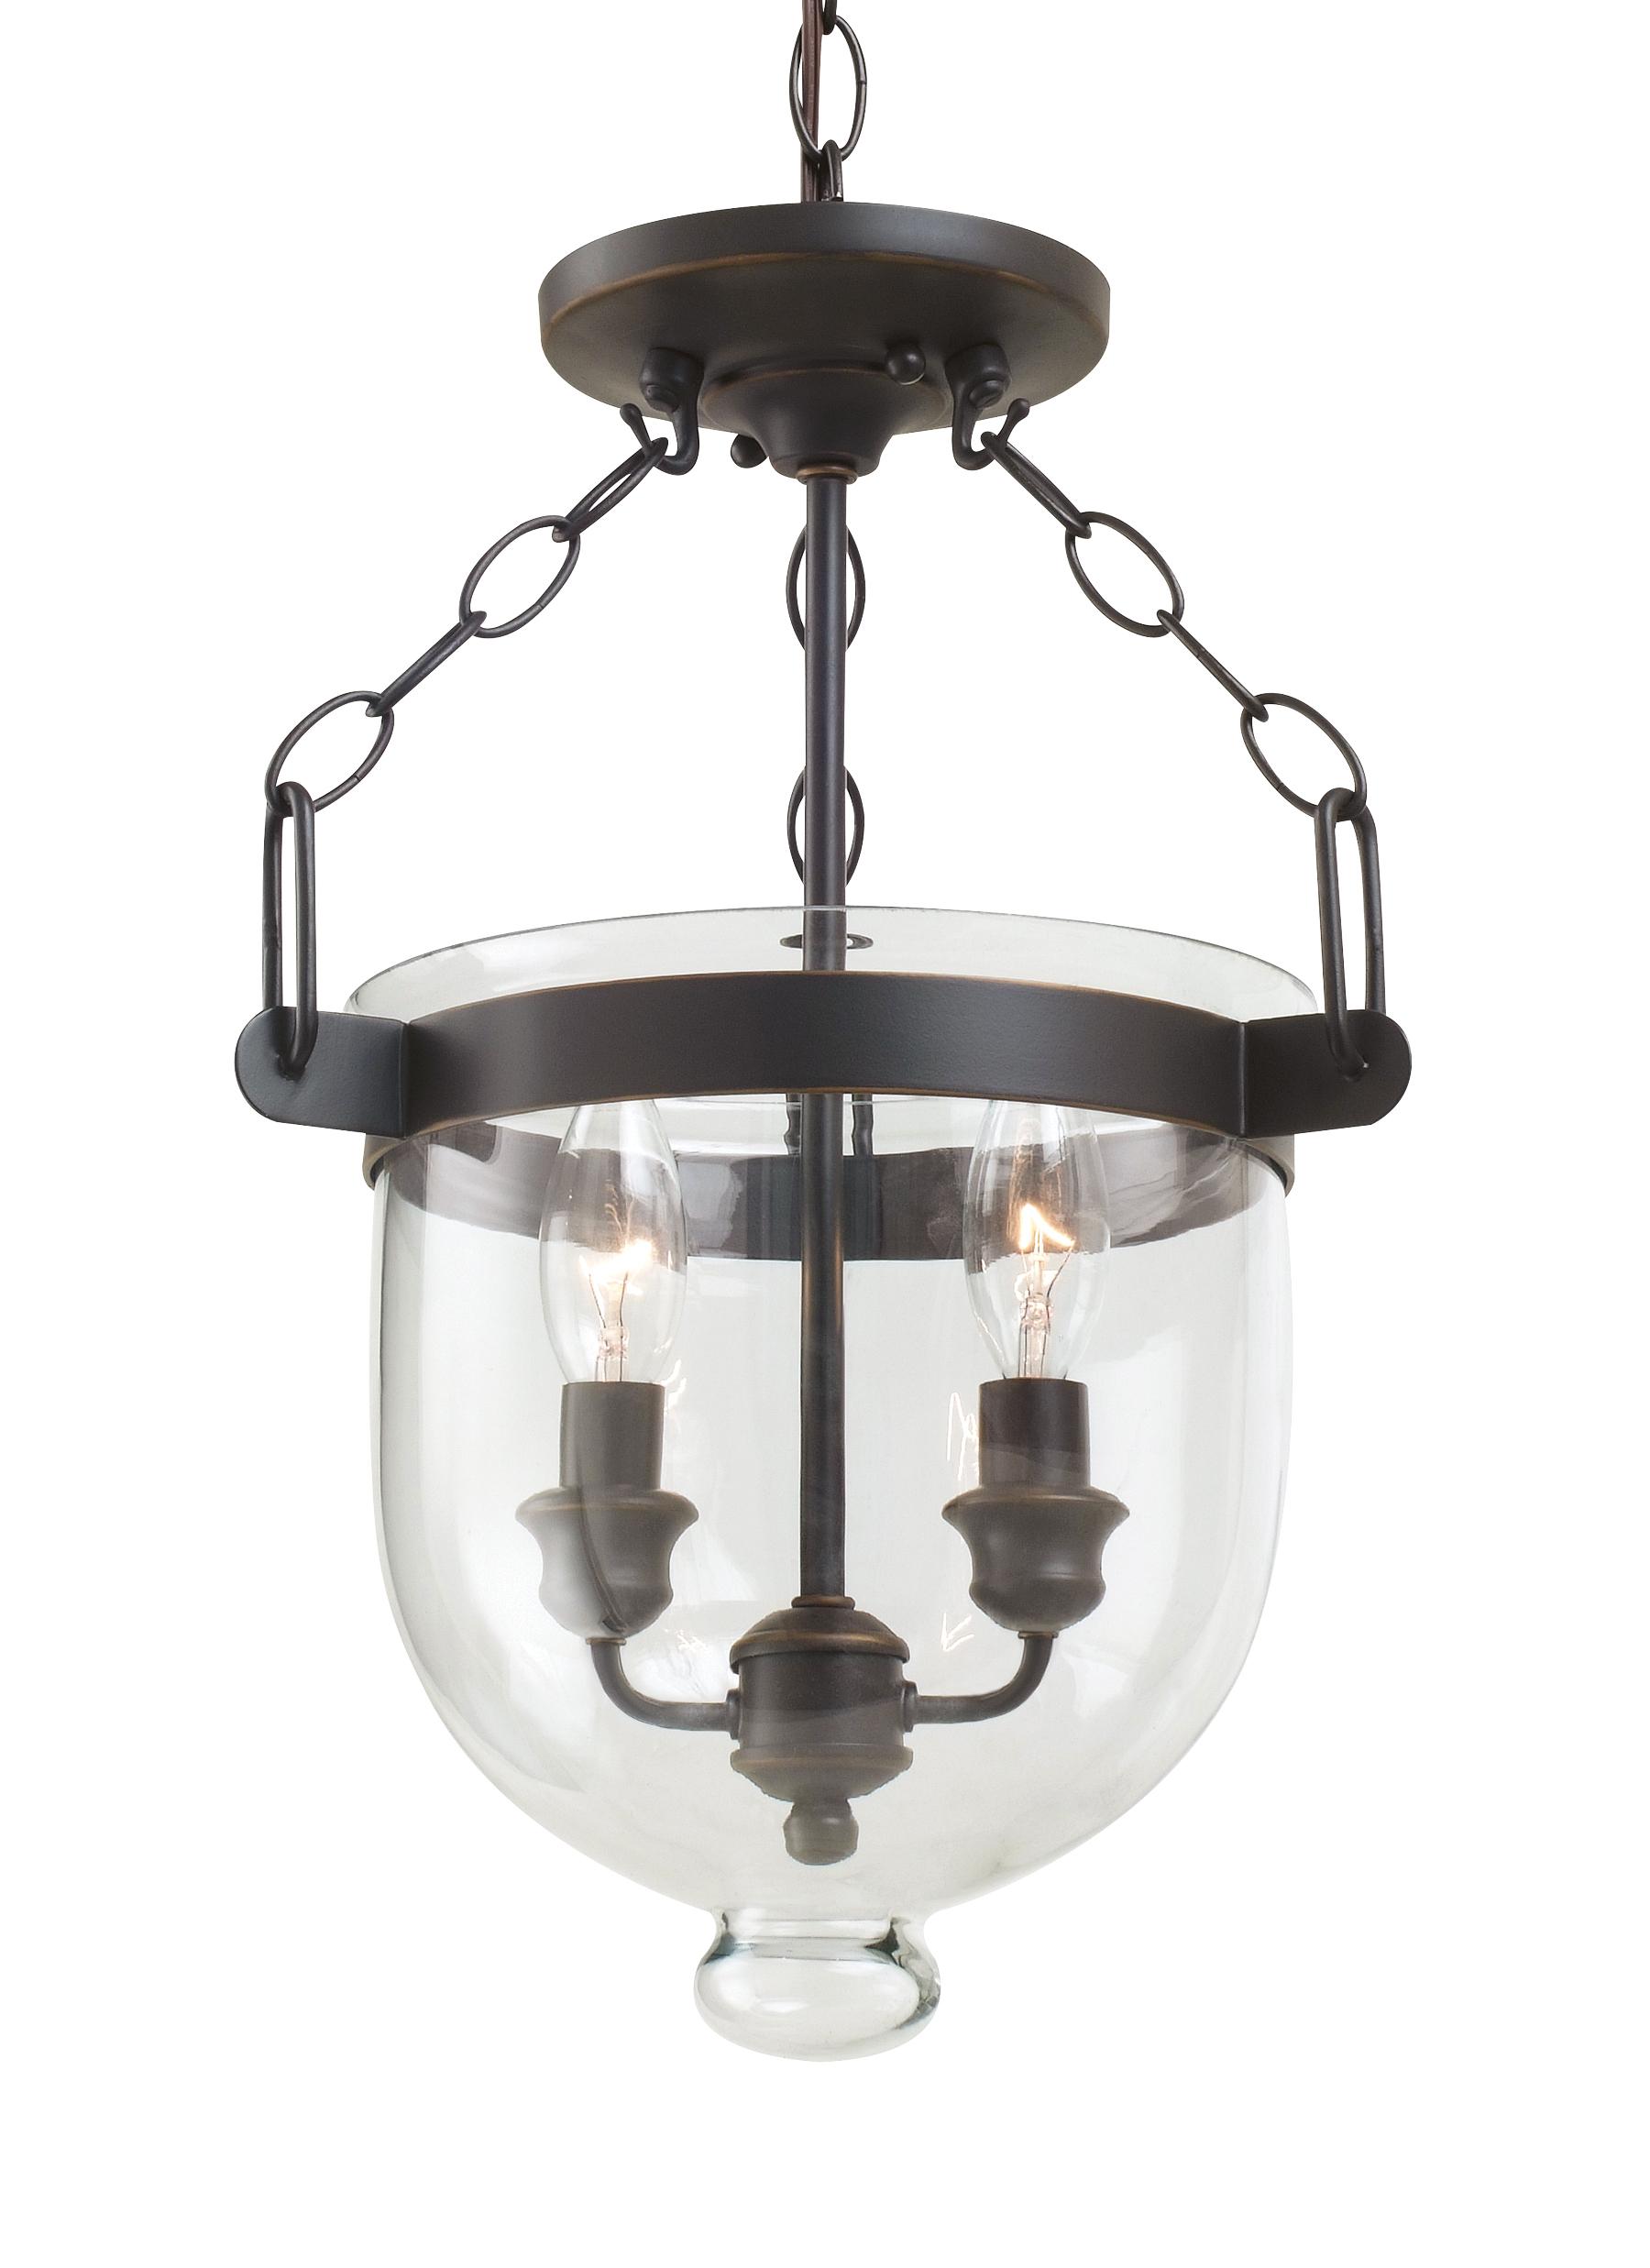 Sea Gull Lighting 77046-715